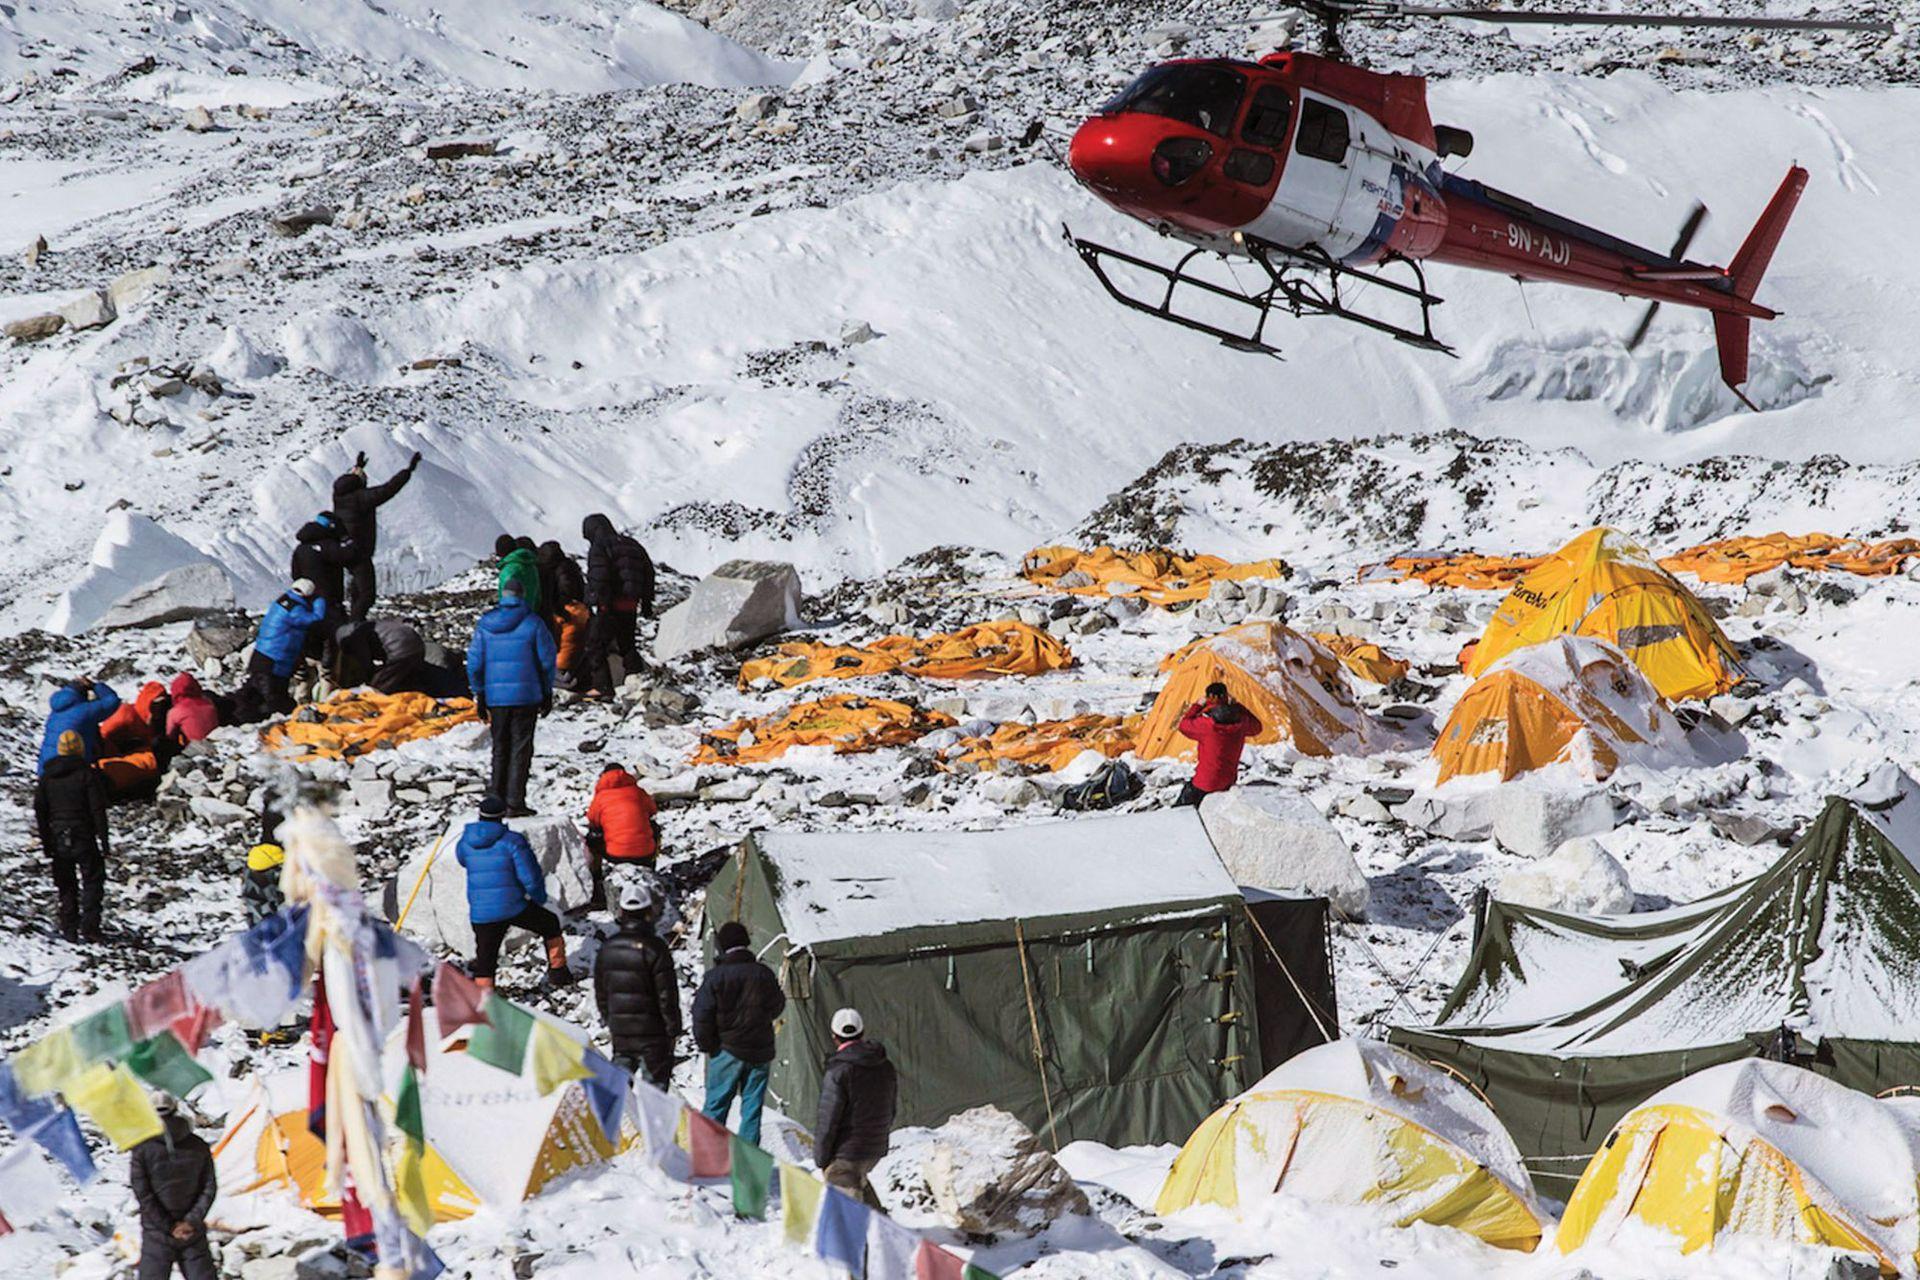 """Los habitantes del Himalaya habían encontrado su propia manera de llamar al Everest. Le dieron nombre de mujer: Chomolungma, que significa """"Madre del Universo""""."""